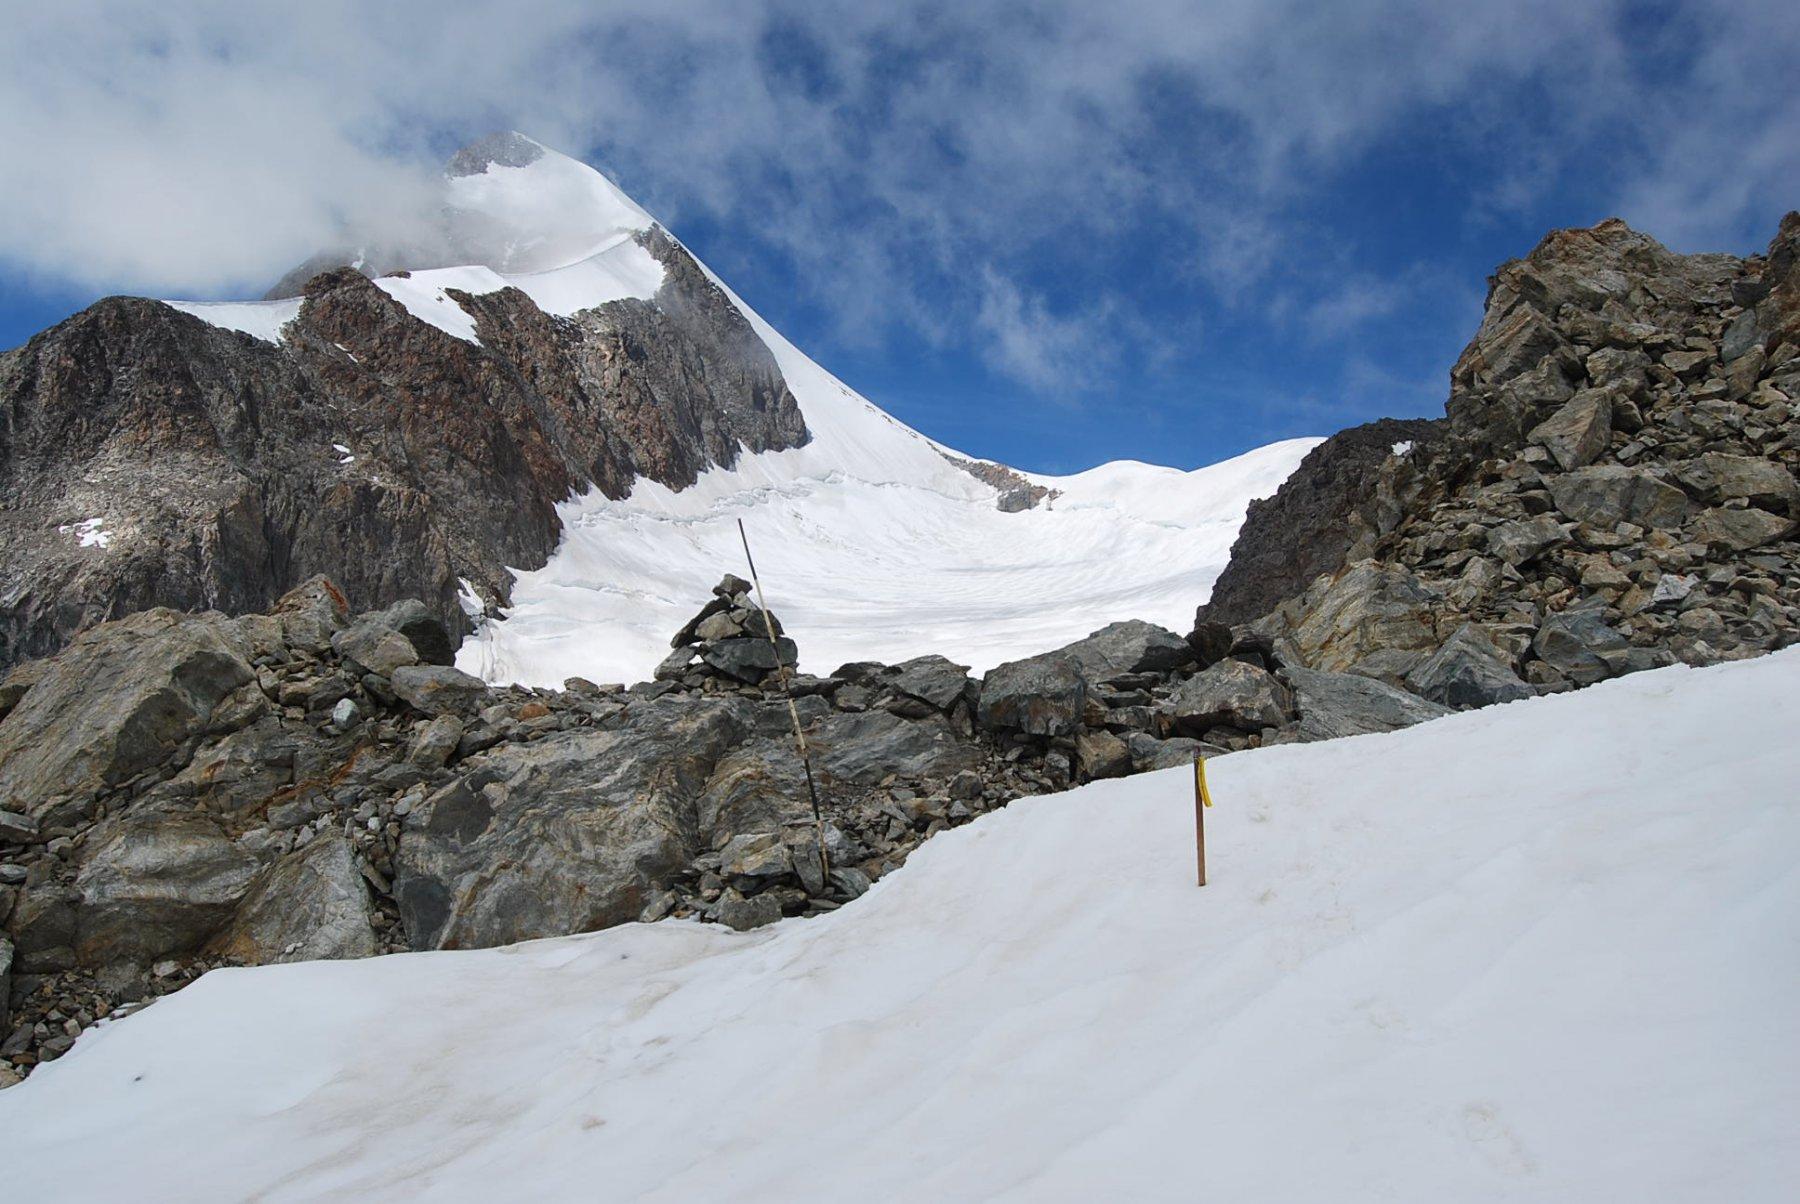 Il punto per la discesa sul Ghiaccio del Petit Mont Blanc per la salita al Trelatete